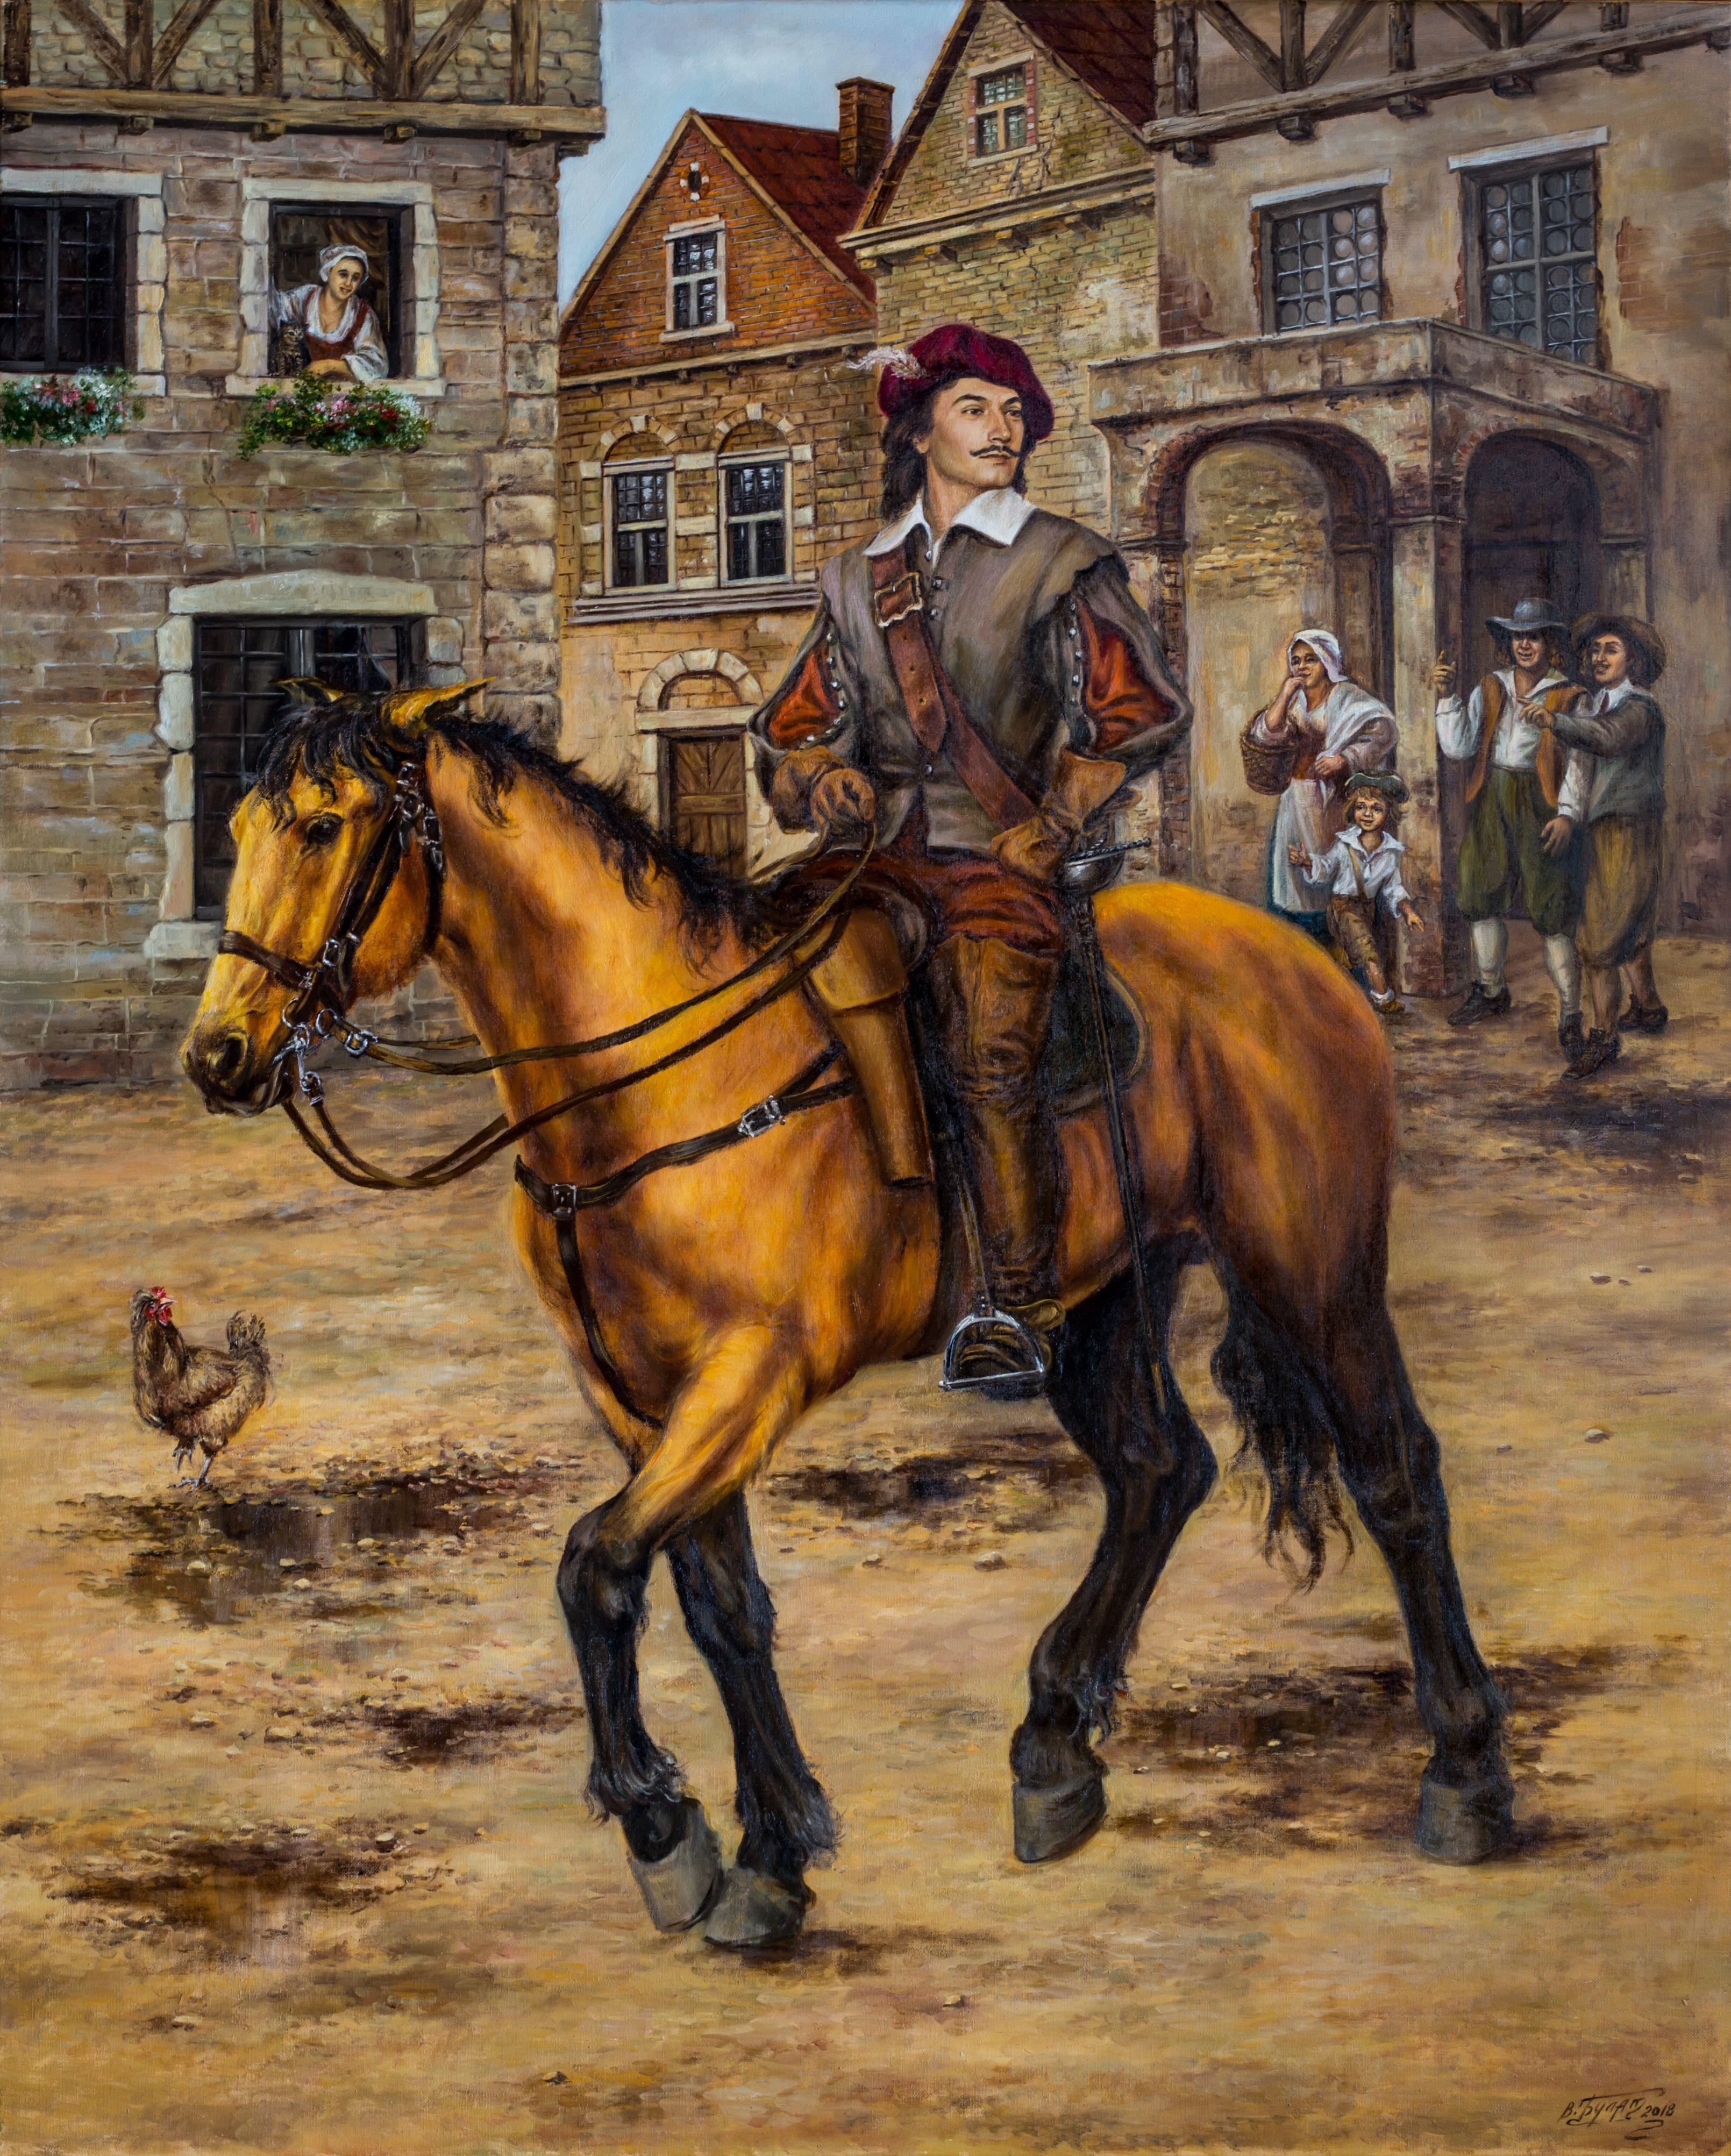 Днем, картинки мушкетеров на коне для детей